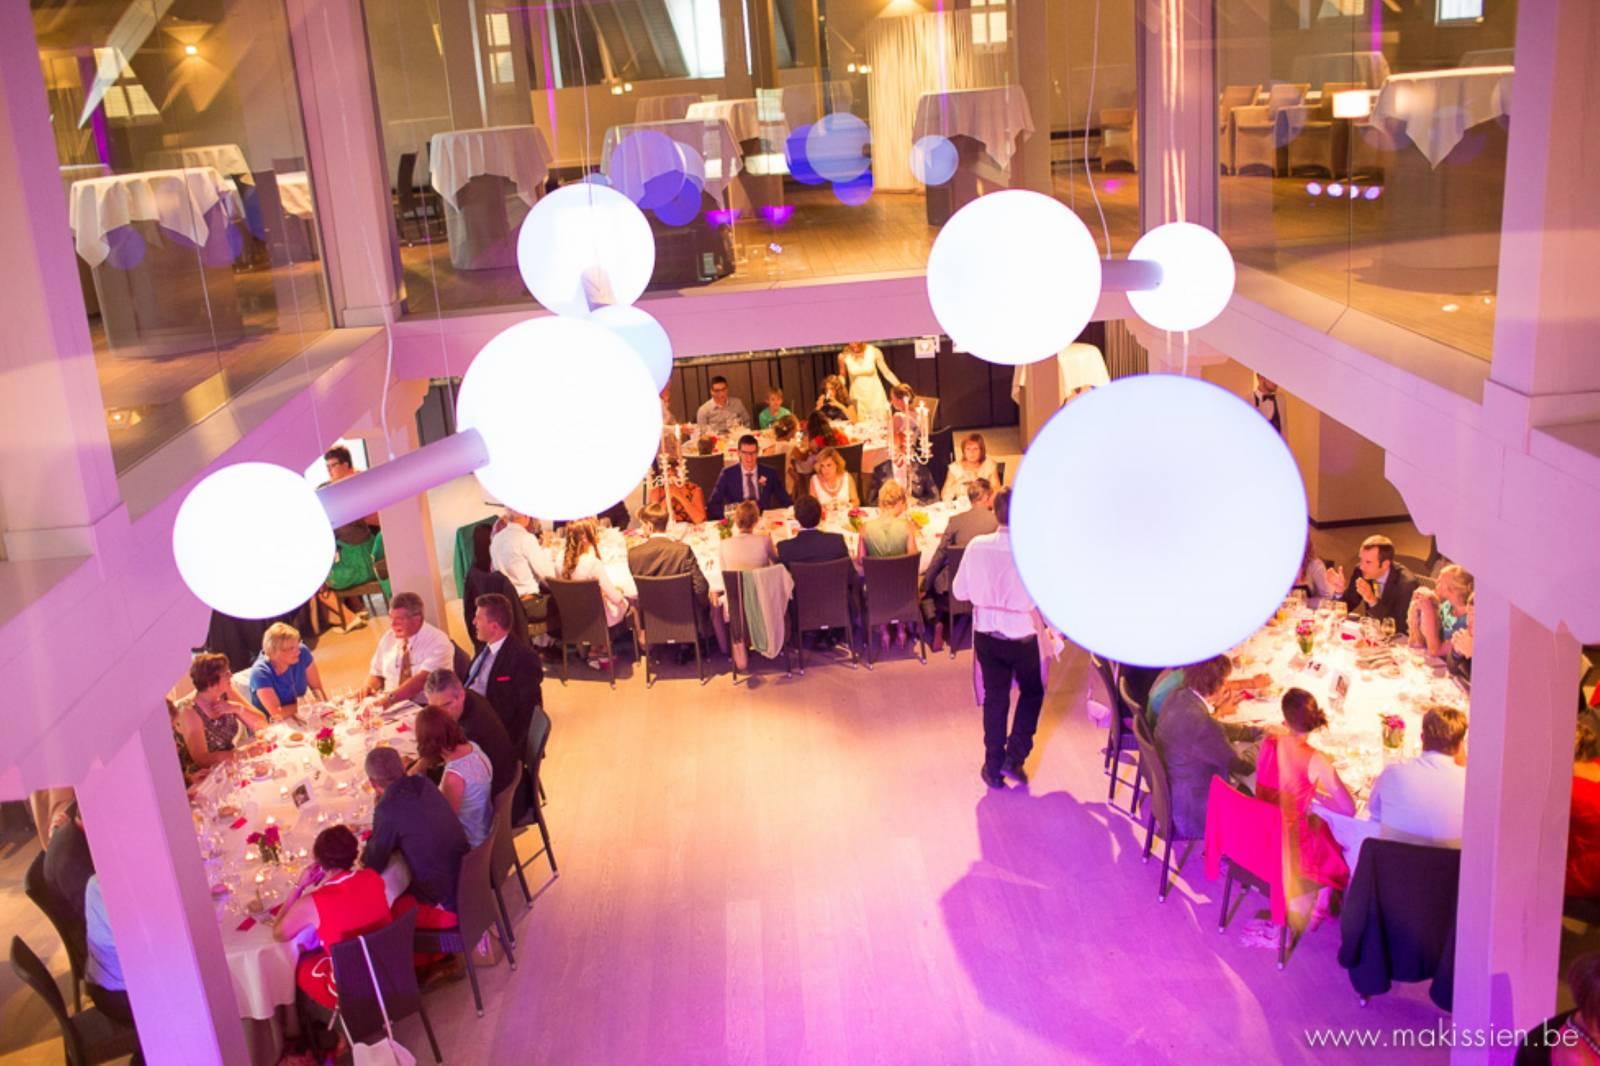 Klokhof - Feestzaal - House of Weddings (5)